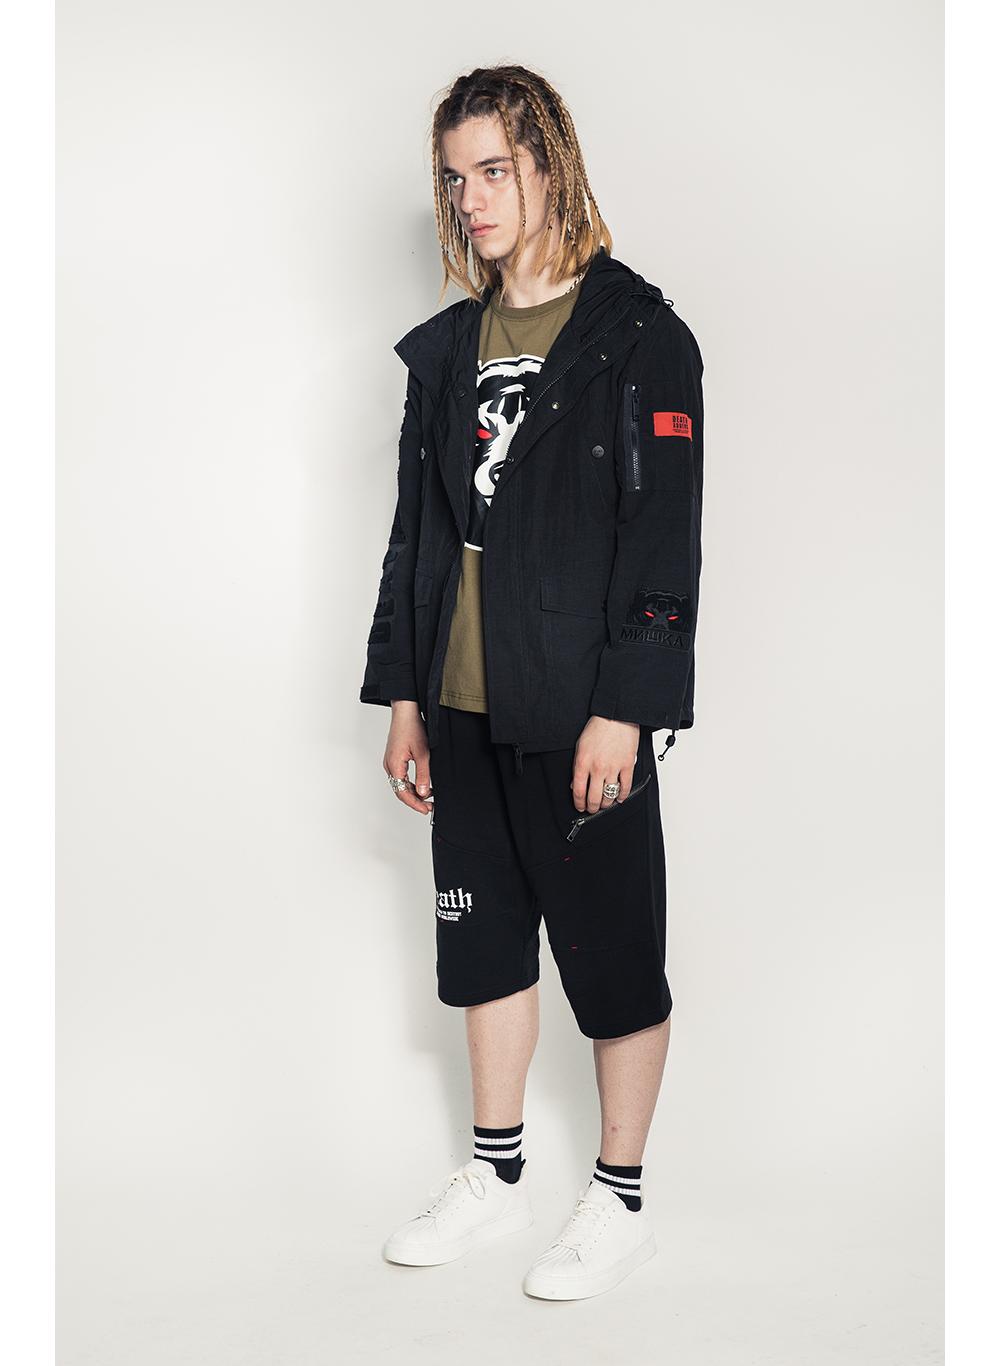 Death Adder Hooded Jacket